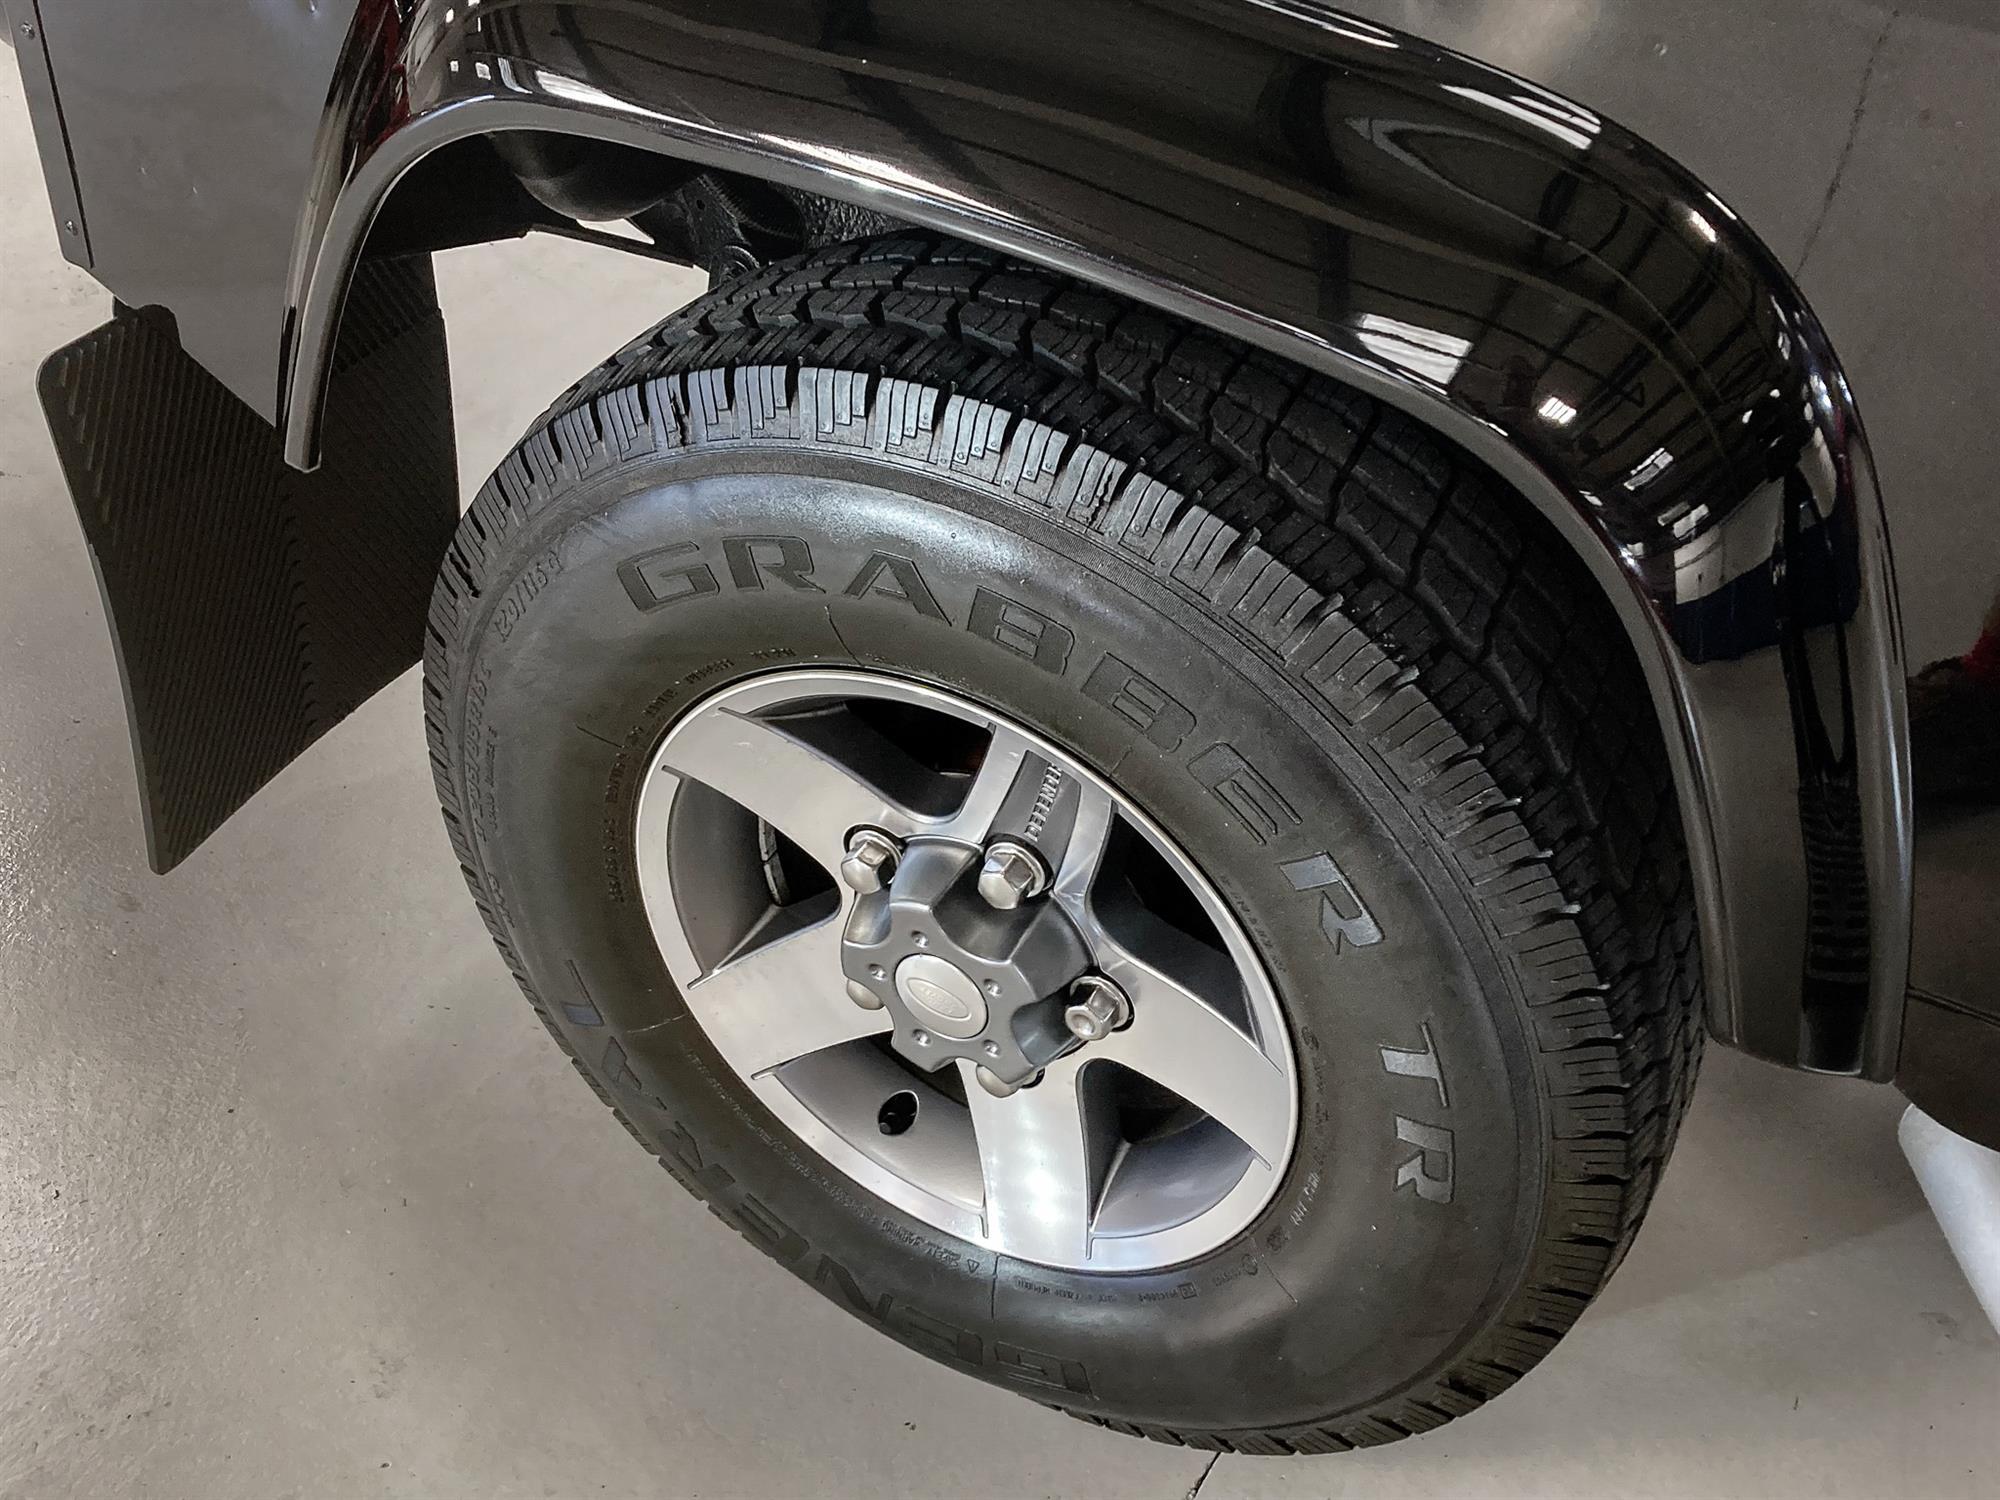 2008 Land Rover Defender 90 SVX - Image 4 of 13